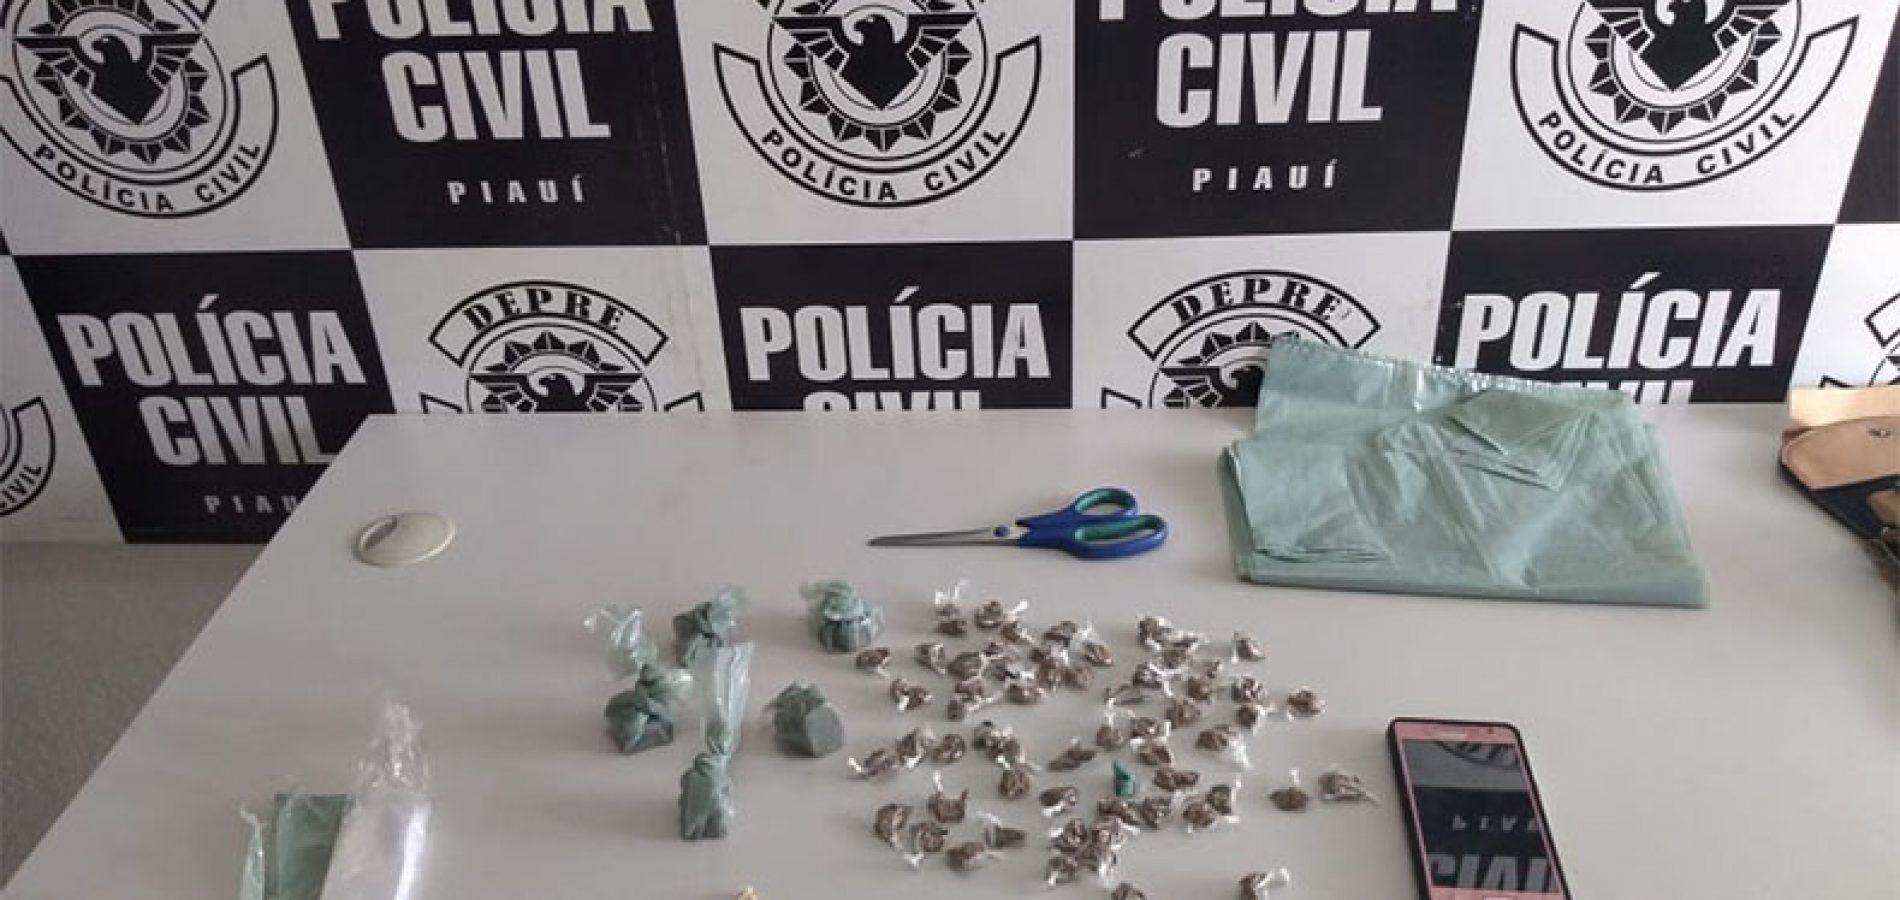 Suspeito de tráfico é preso no Piauí com droga na cueca